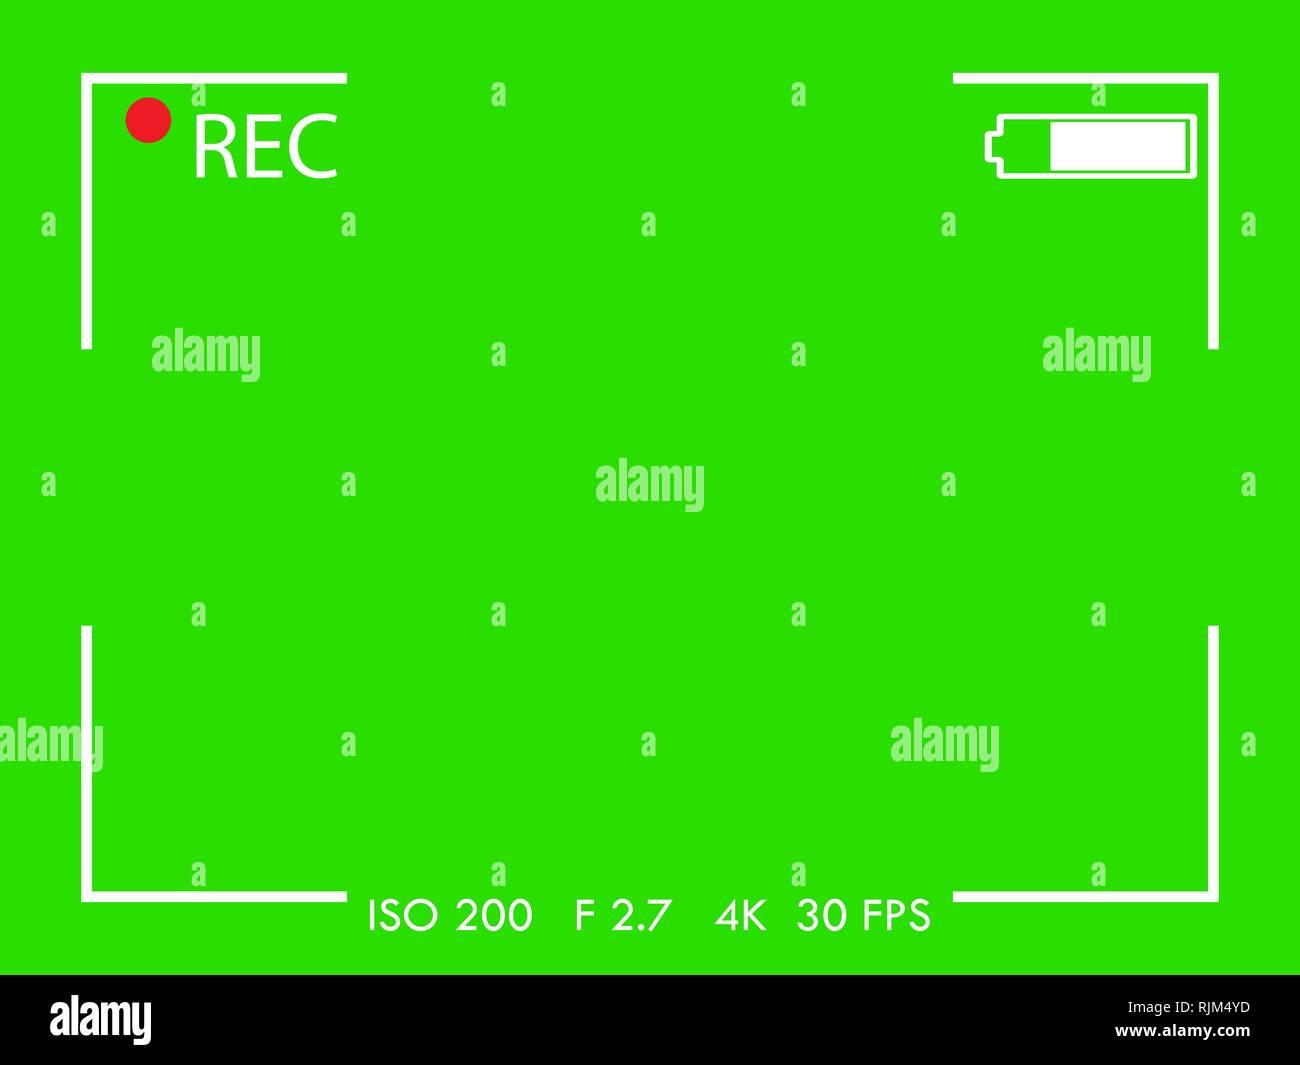 Telaio della fotocamera nella schermata del mirino su sfondo verde. Illustrazione Vettoriale. Immagini Stock